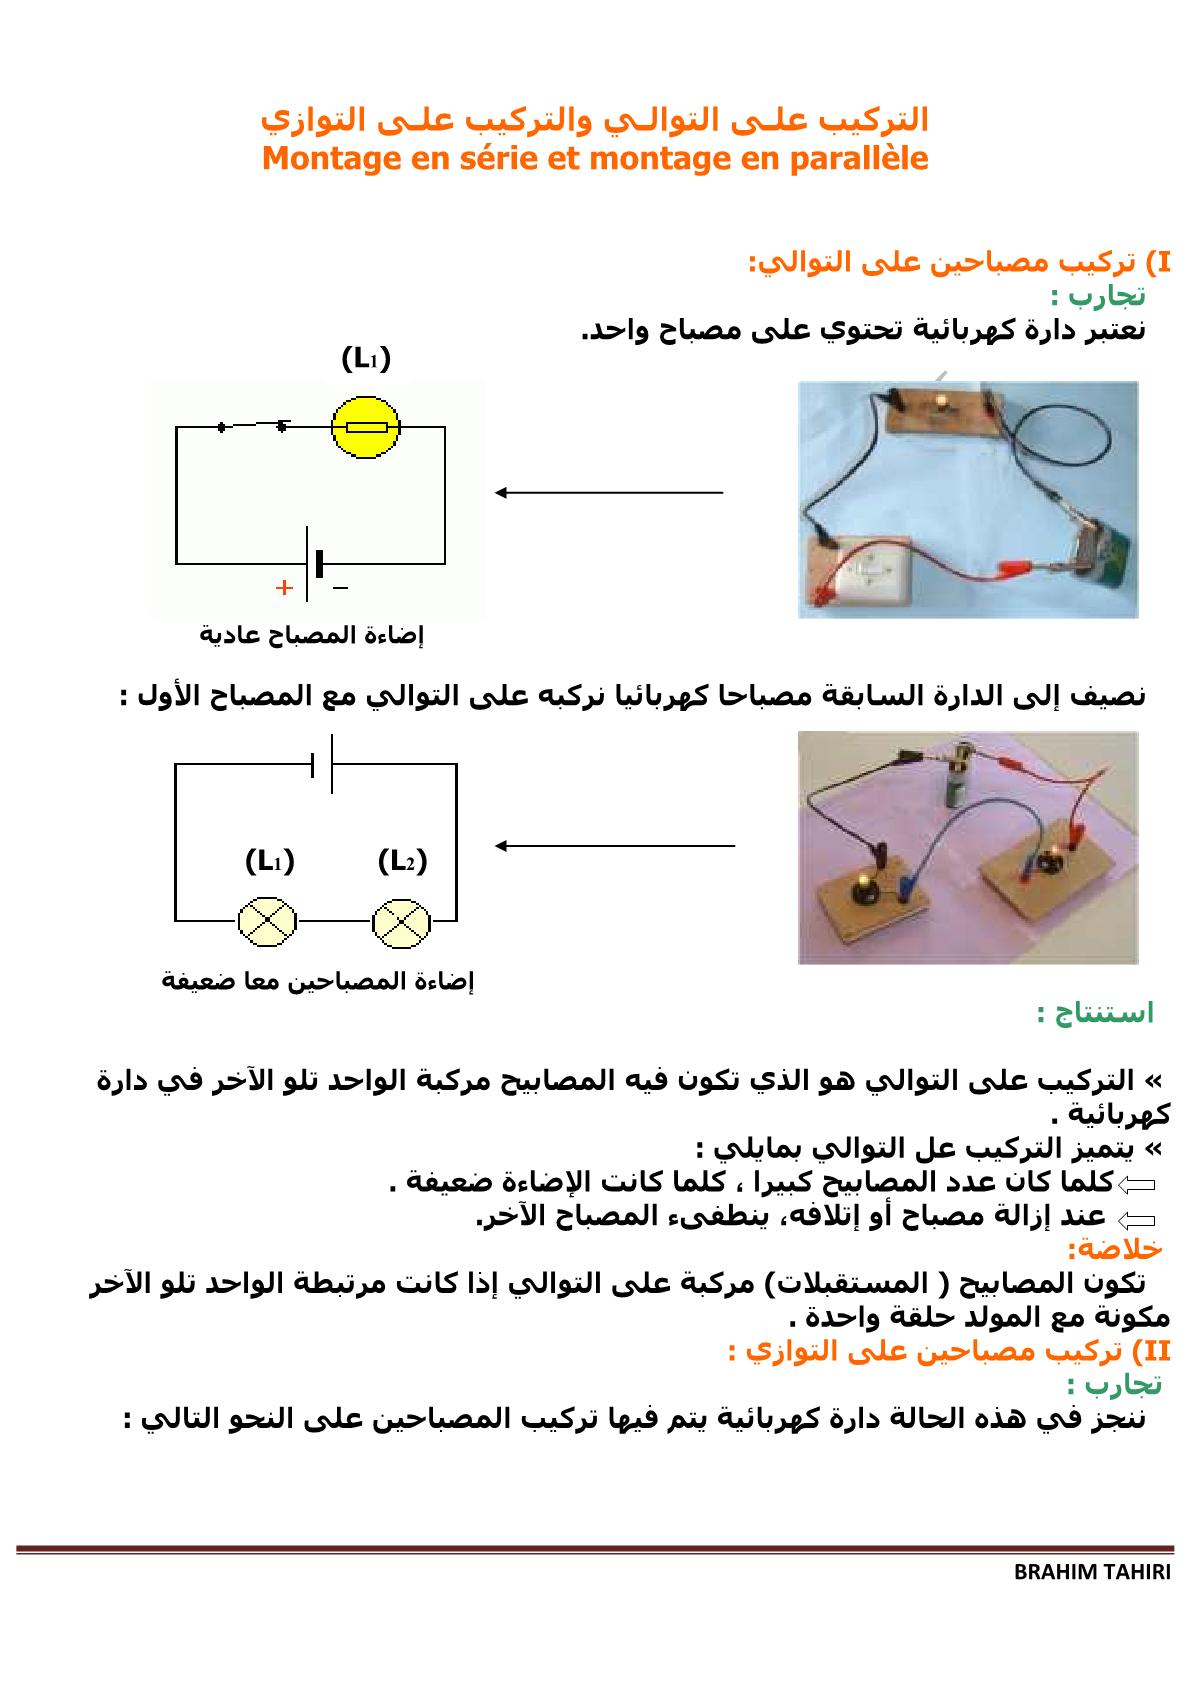 درس أنواع التركيب مادة الفيزياء والكيمياء للسنة الأولى إعدادي